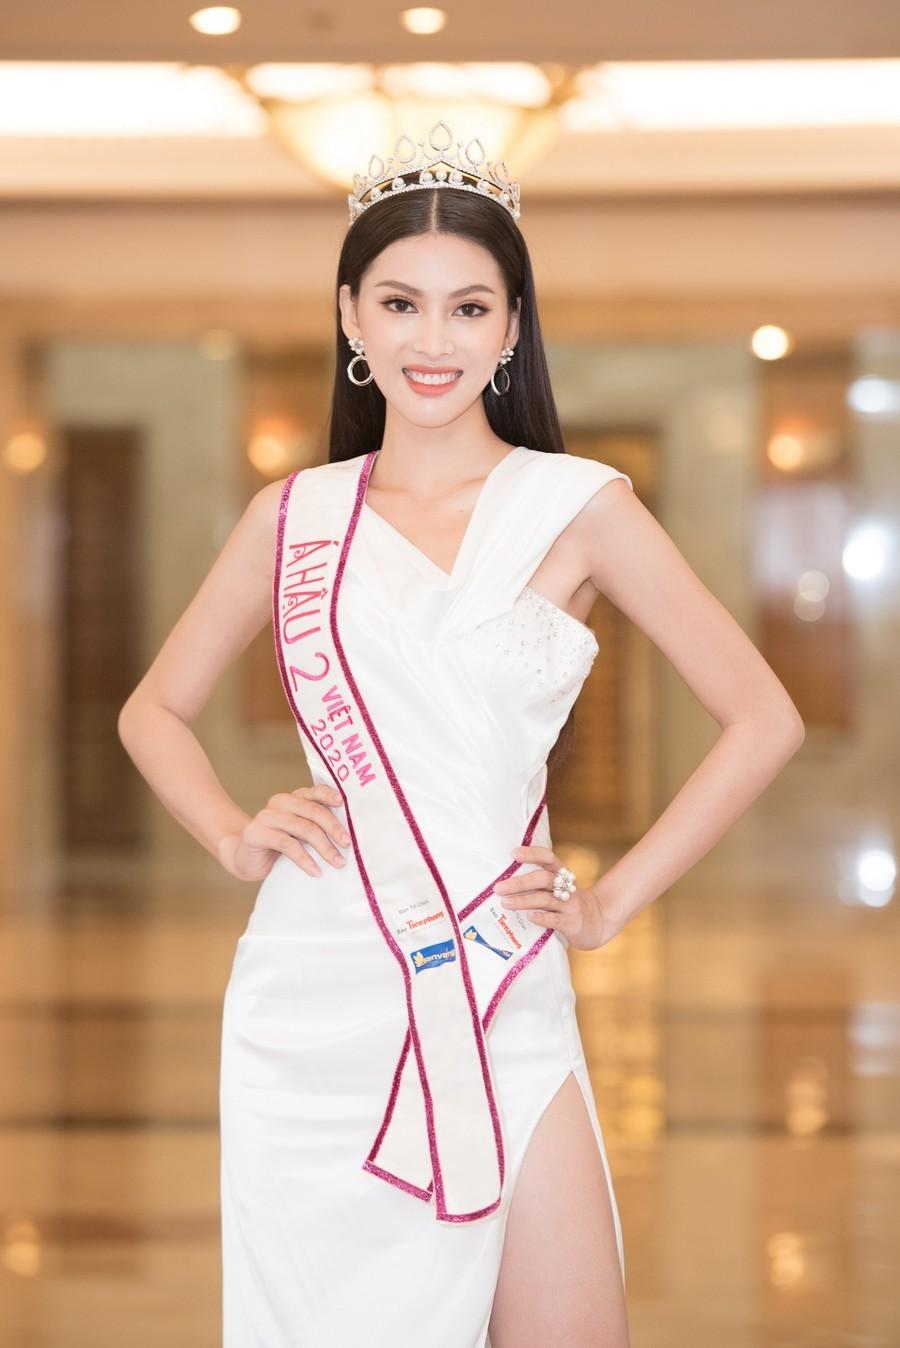 Ngọc Thảo sinh năm 2000, giành ngôi vị Á hậu 2 tại cuộc thi Hoa hậu Việt Nam 2020. Với cương vị Á hậu, Ngọc Thảo trở thành đại diện Việt Nam tại cuộc thi Miss Grand International 2020. Cô cũng là người đẹp đầu tiên đi thi quốc tế trong năm 2021 khi bối cảnh đại dịch COVID-19 vẫn còn phức tạp trên toàn thế giới.